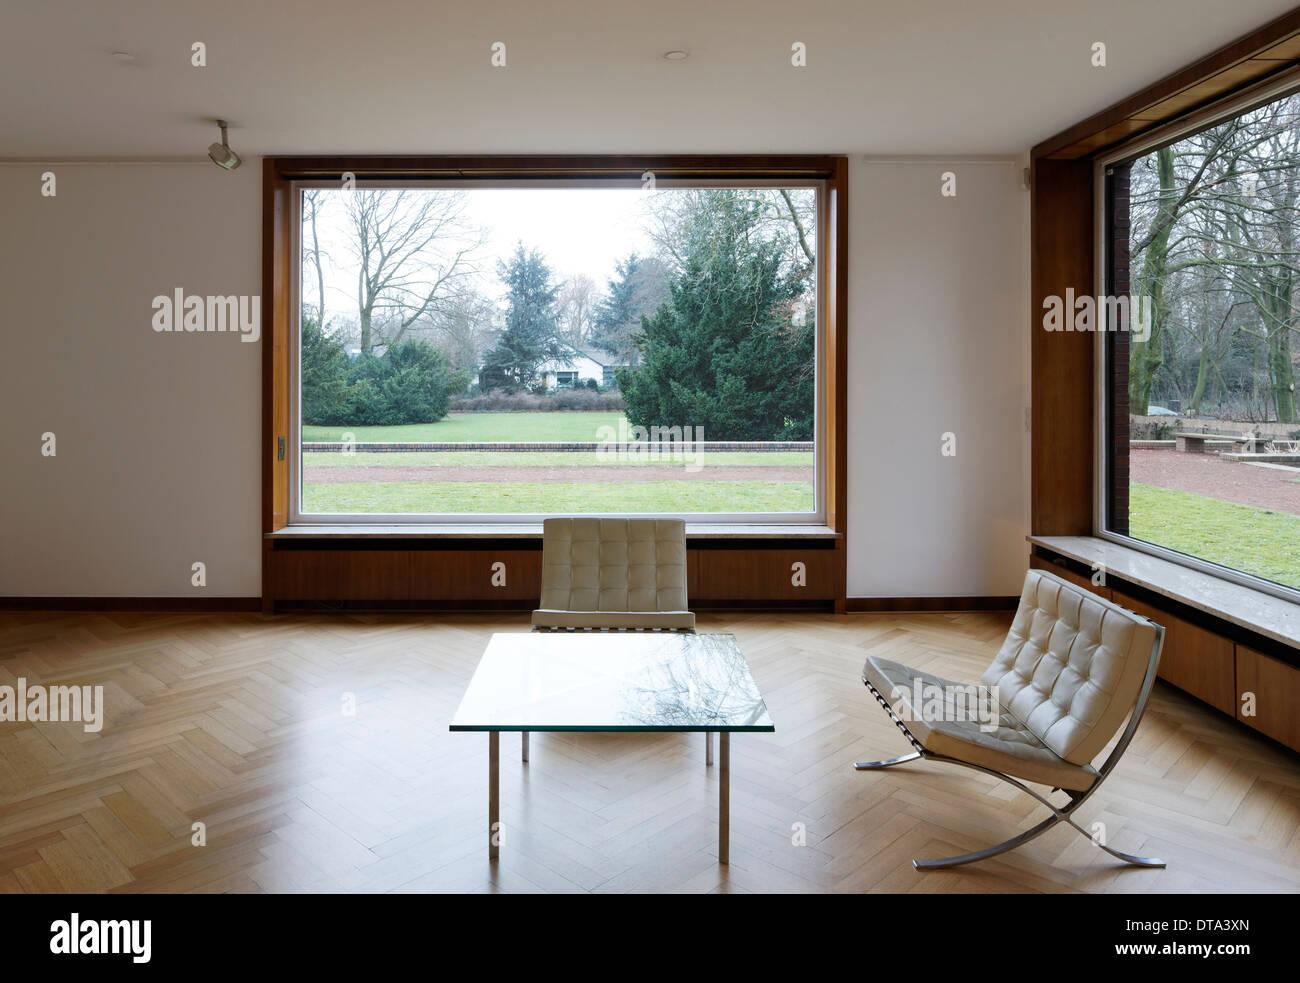 Innenraum Wohnzimmer Mit Versenkbaren Fenstern Von Haus Lange Blick In Den Garten Nach Norden